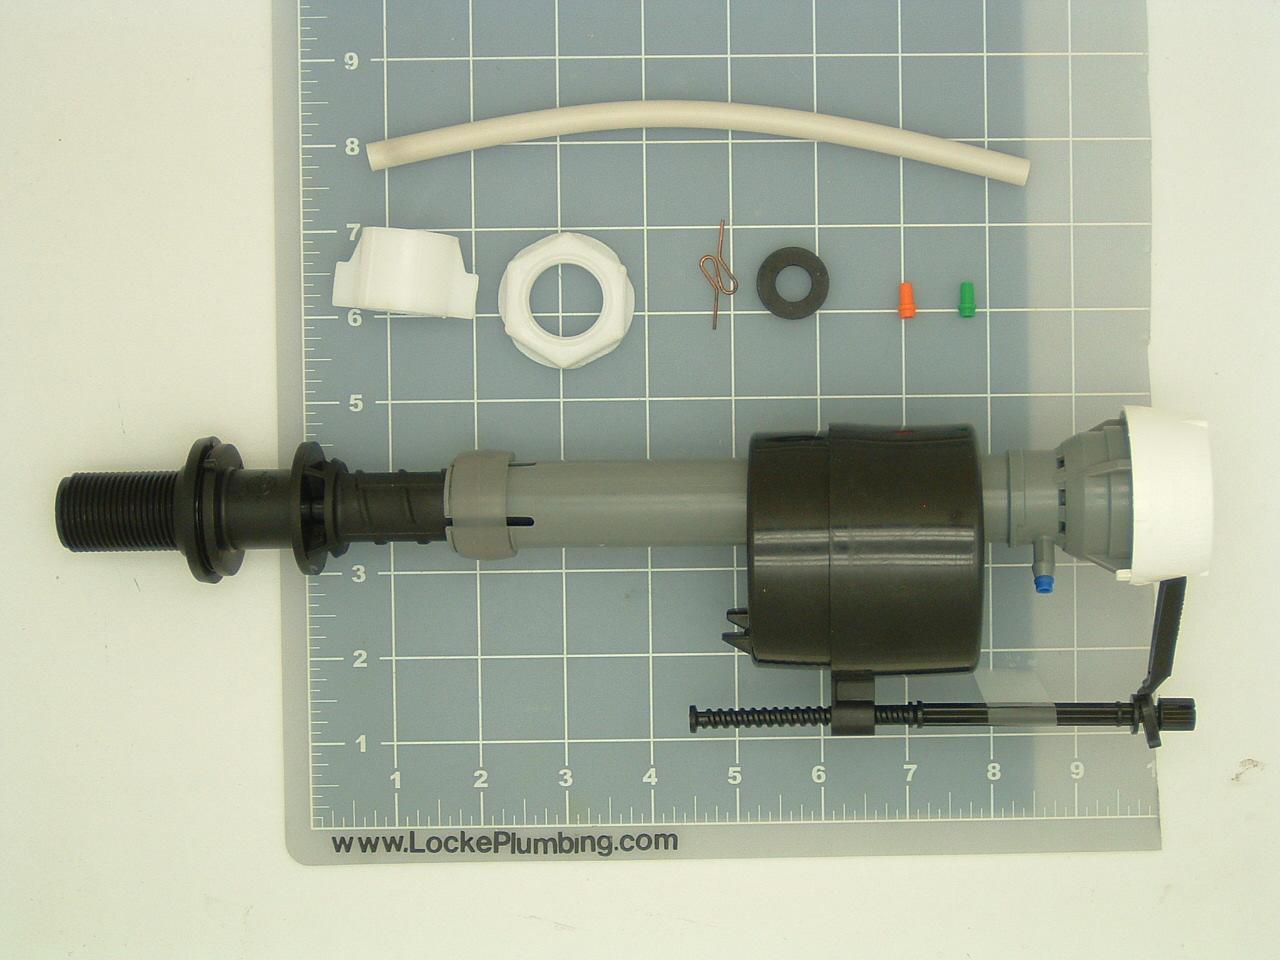 Kohler 85300 Fill Valve NEW NUMBER GP1138930 - Locke Plumbing